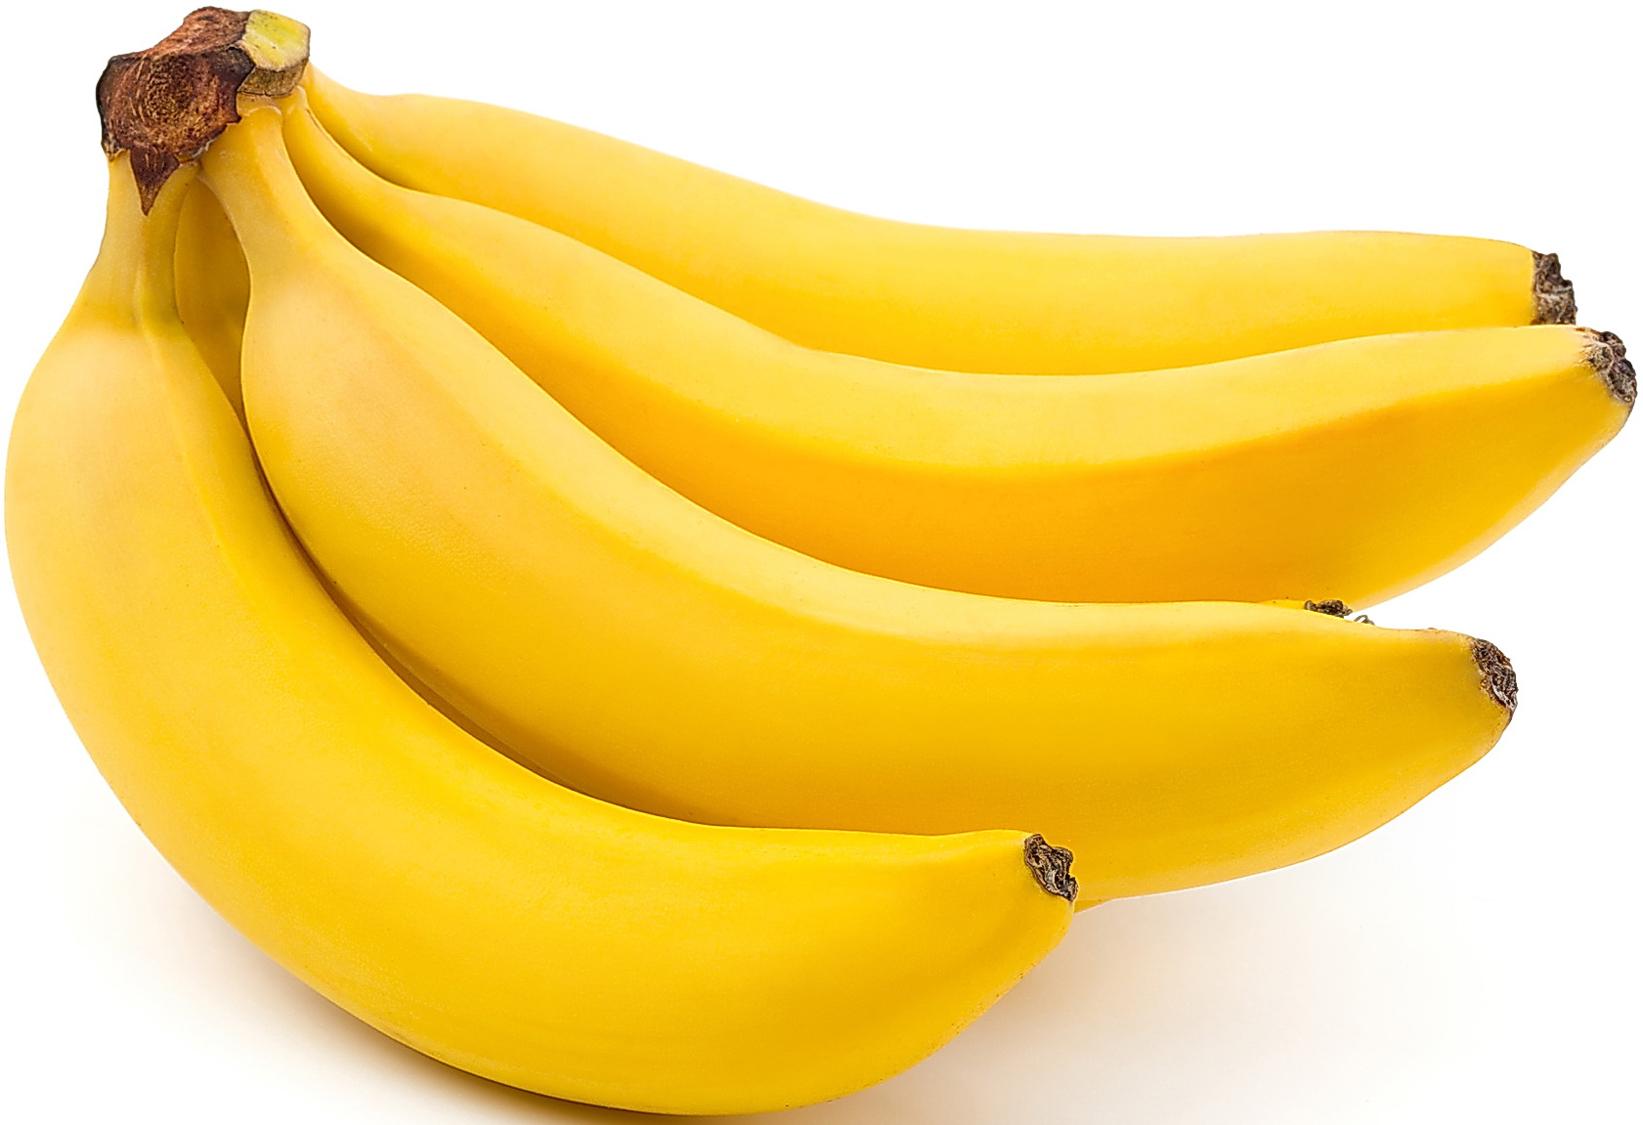 Banană – 1 buc